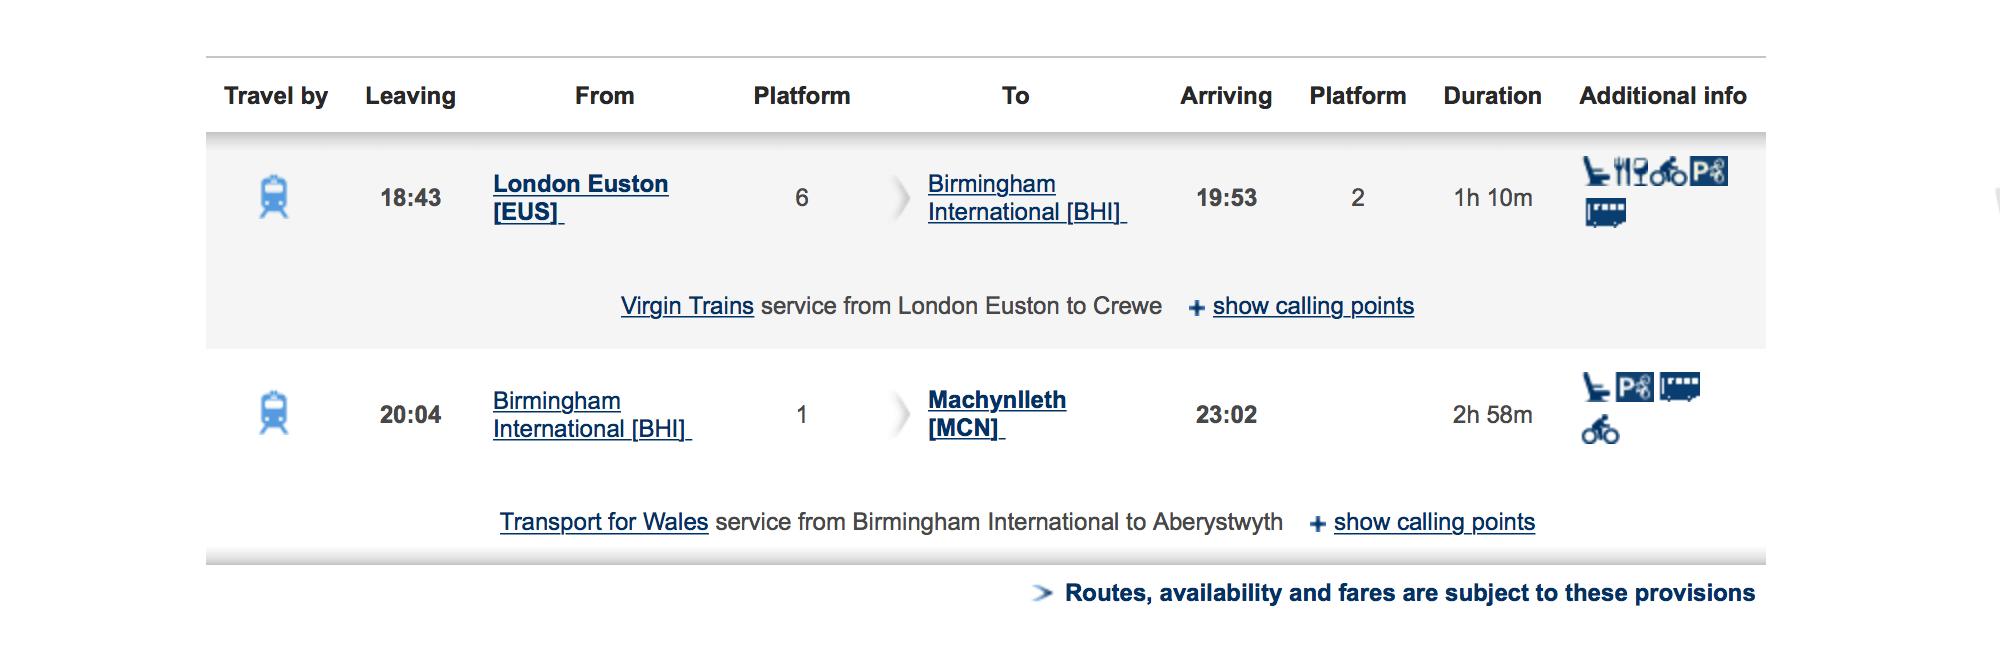 Британские поезда, в которые пускают с велосипедом, отмечены на сайте национальных дорог специальным значком